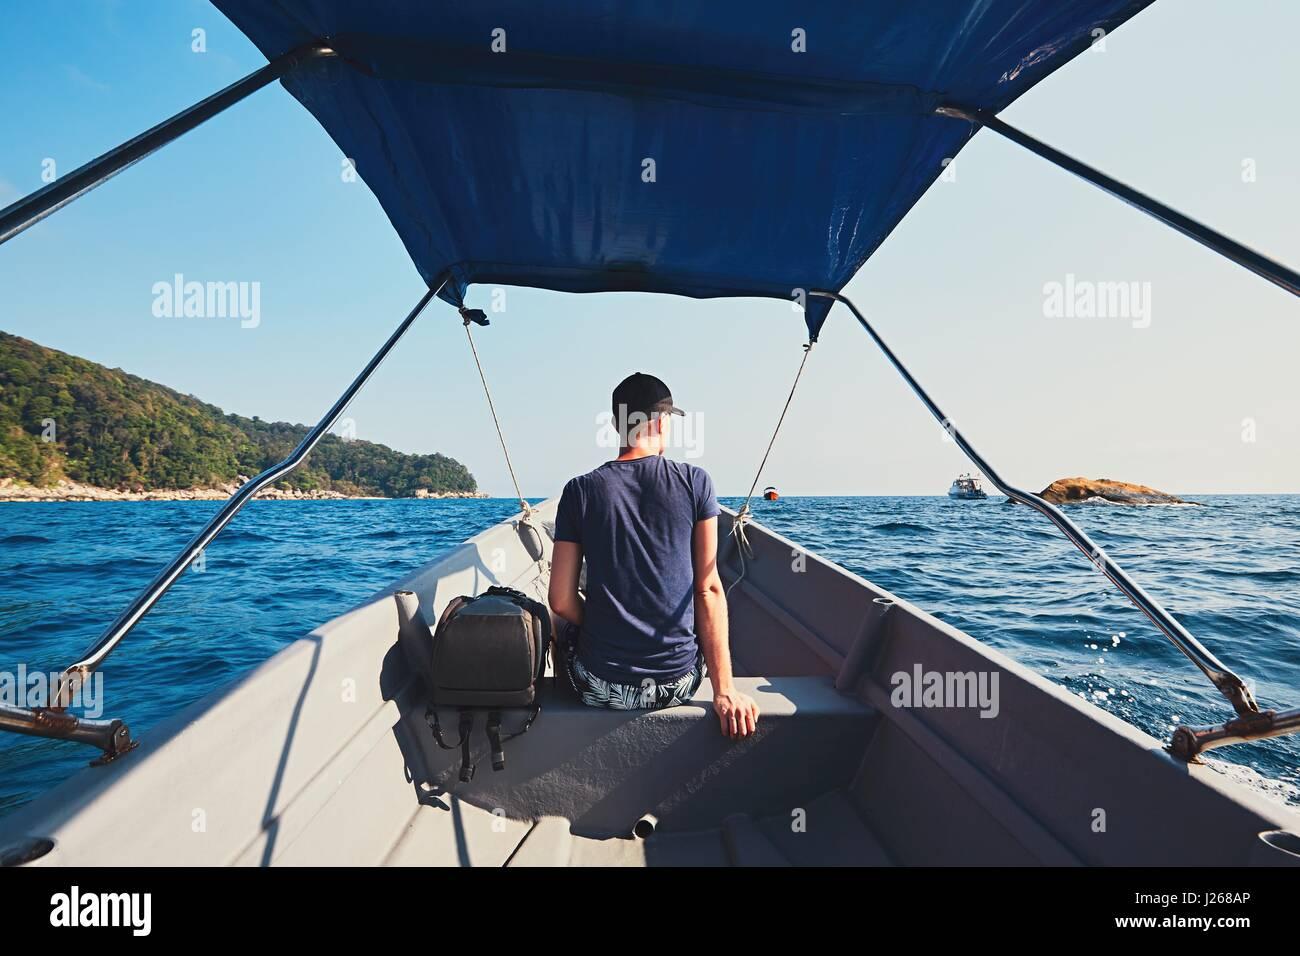 Aventure sur la mer. Jeune homme voyageant par bateau à moteur. Photo Stock